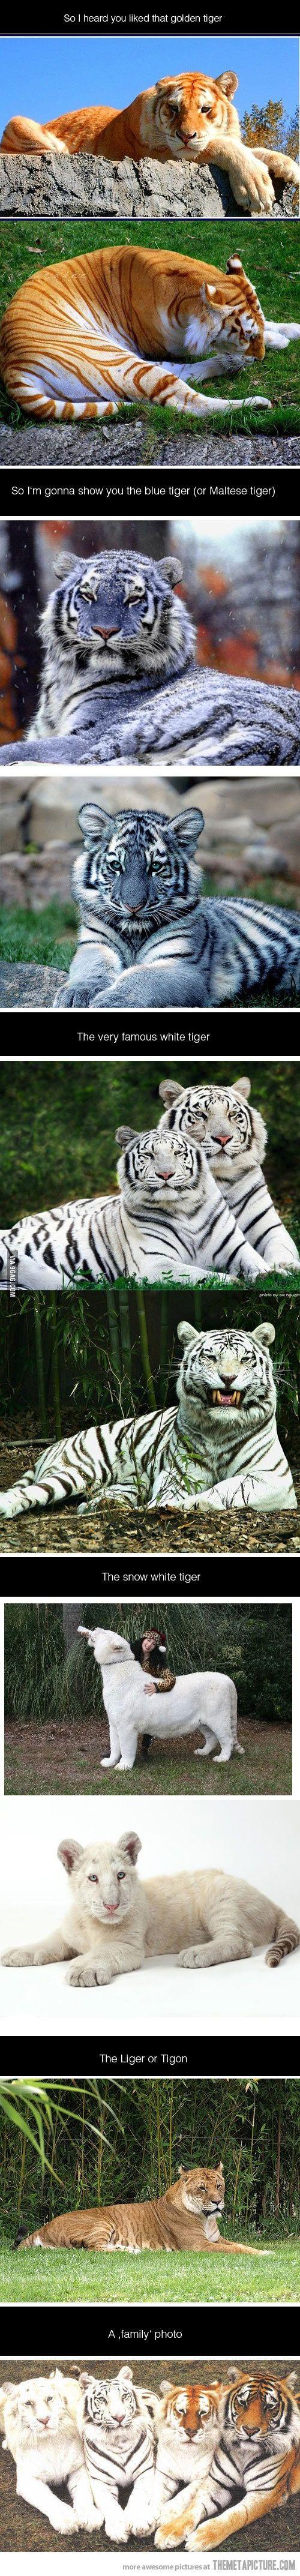 So I heard you like tigers…